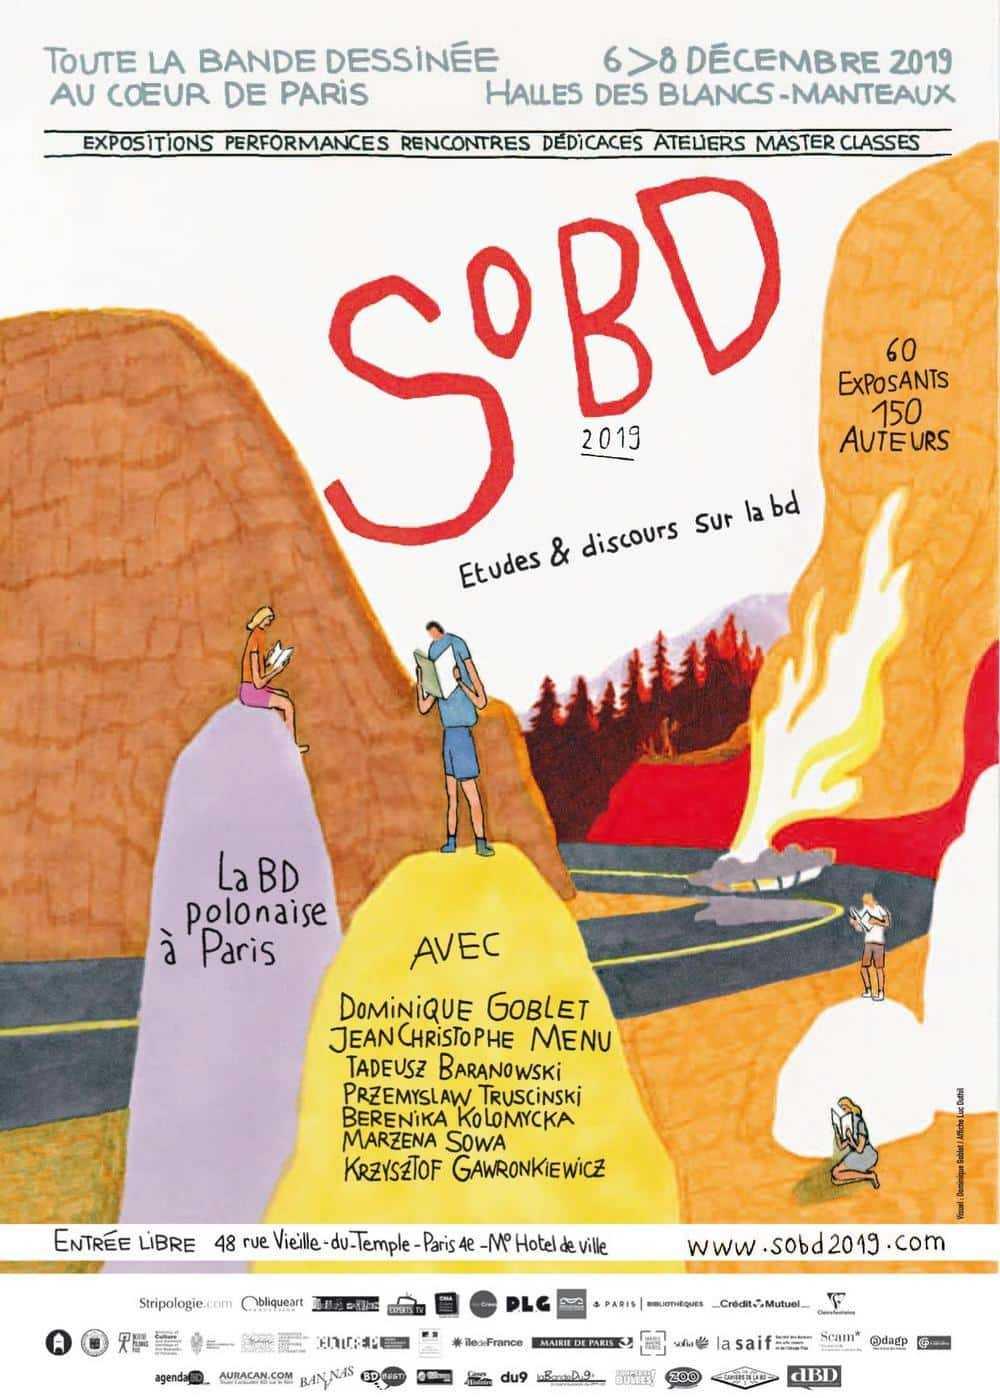 Rémunérer les auteurs en dédicaces, le SoBD se lance dès son édition 2019 du 6 au 8 décembre